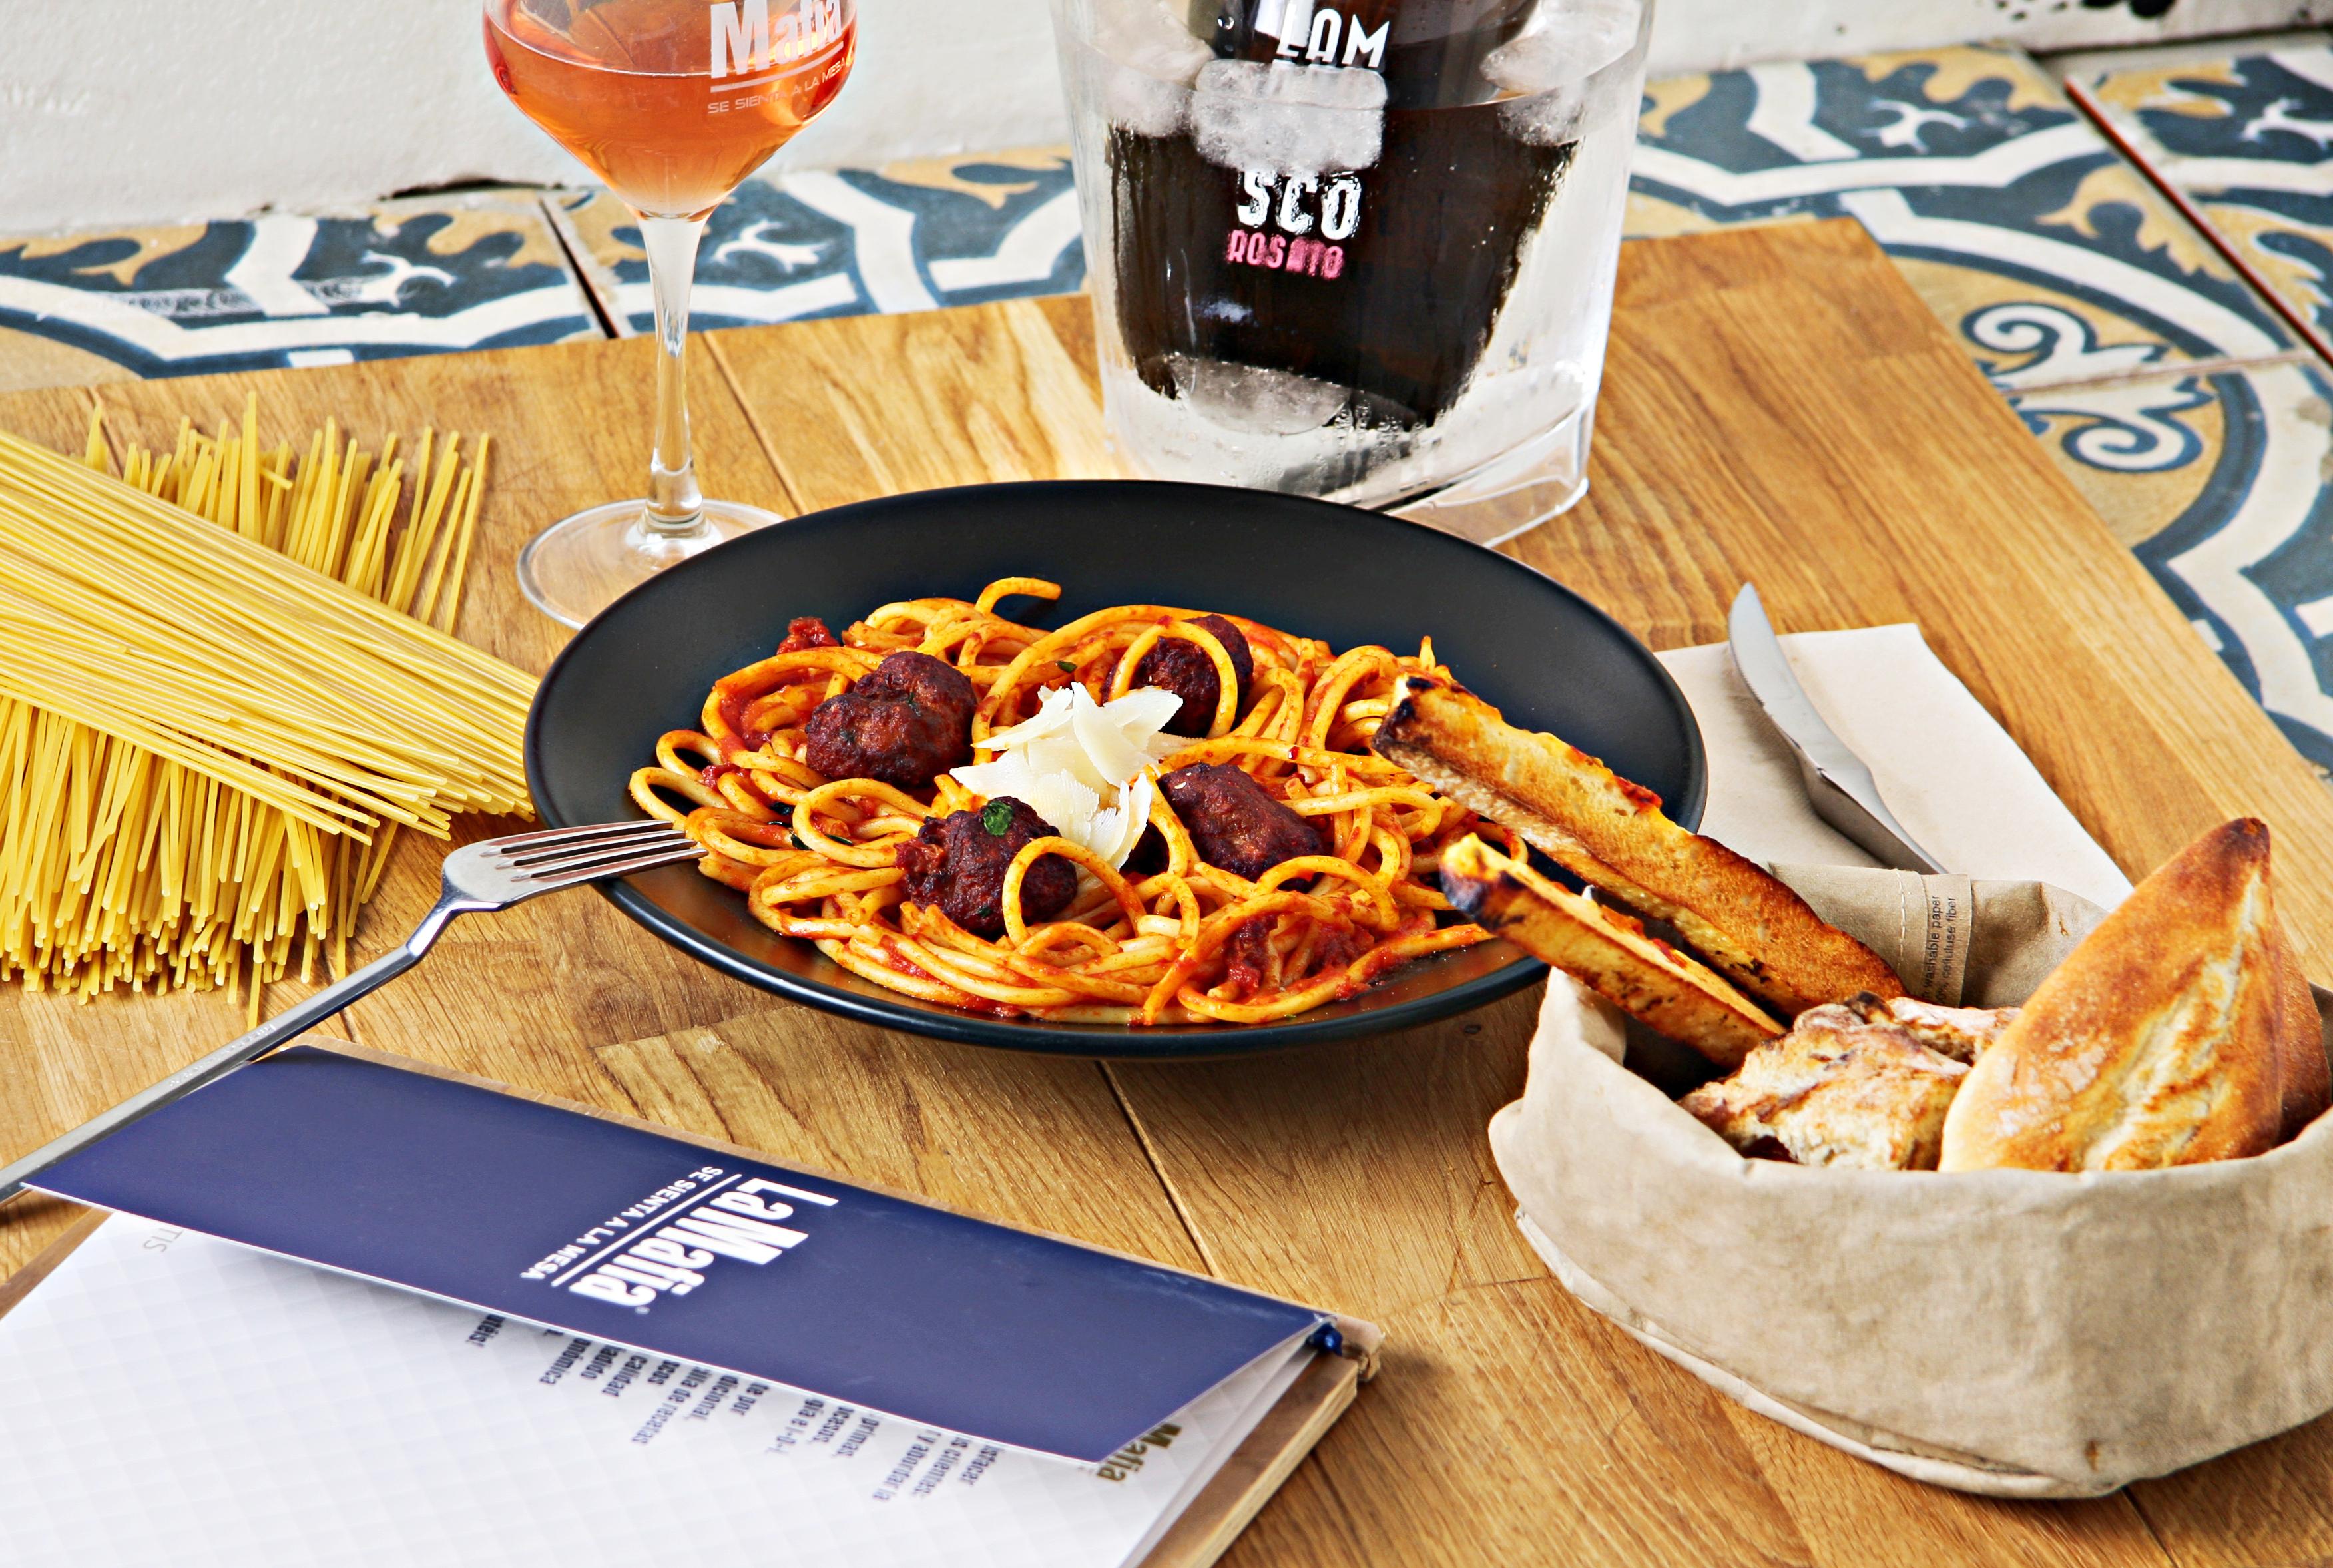 IMG 6112 OK - ¿Qué nos dicen los colores en la comida?